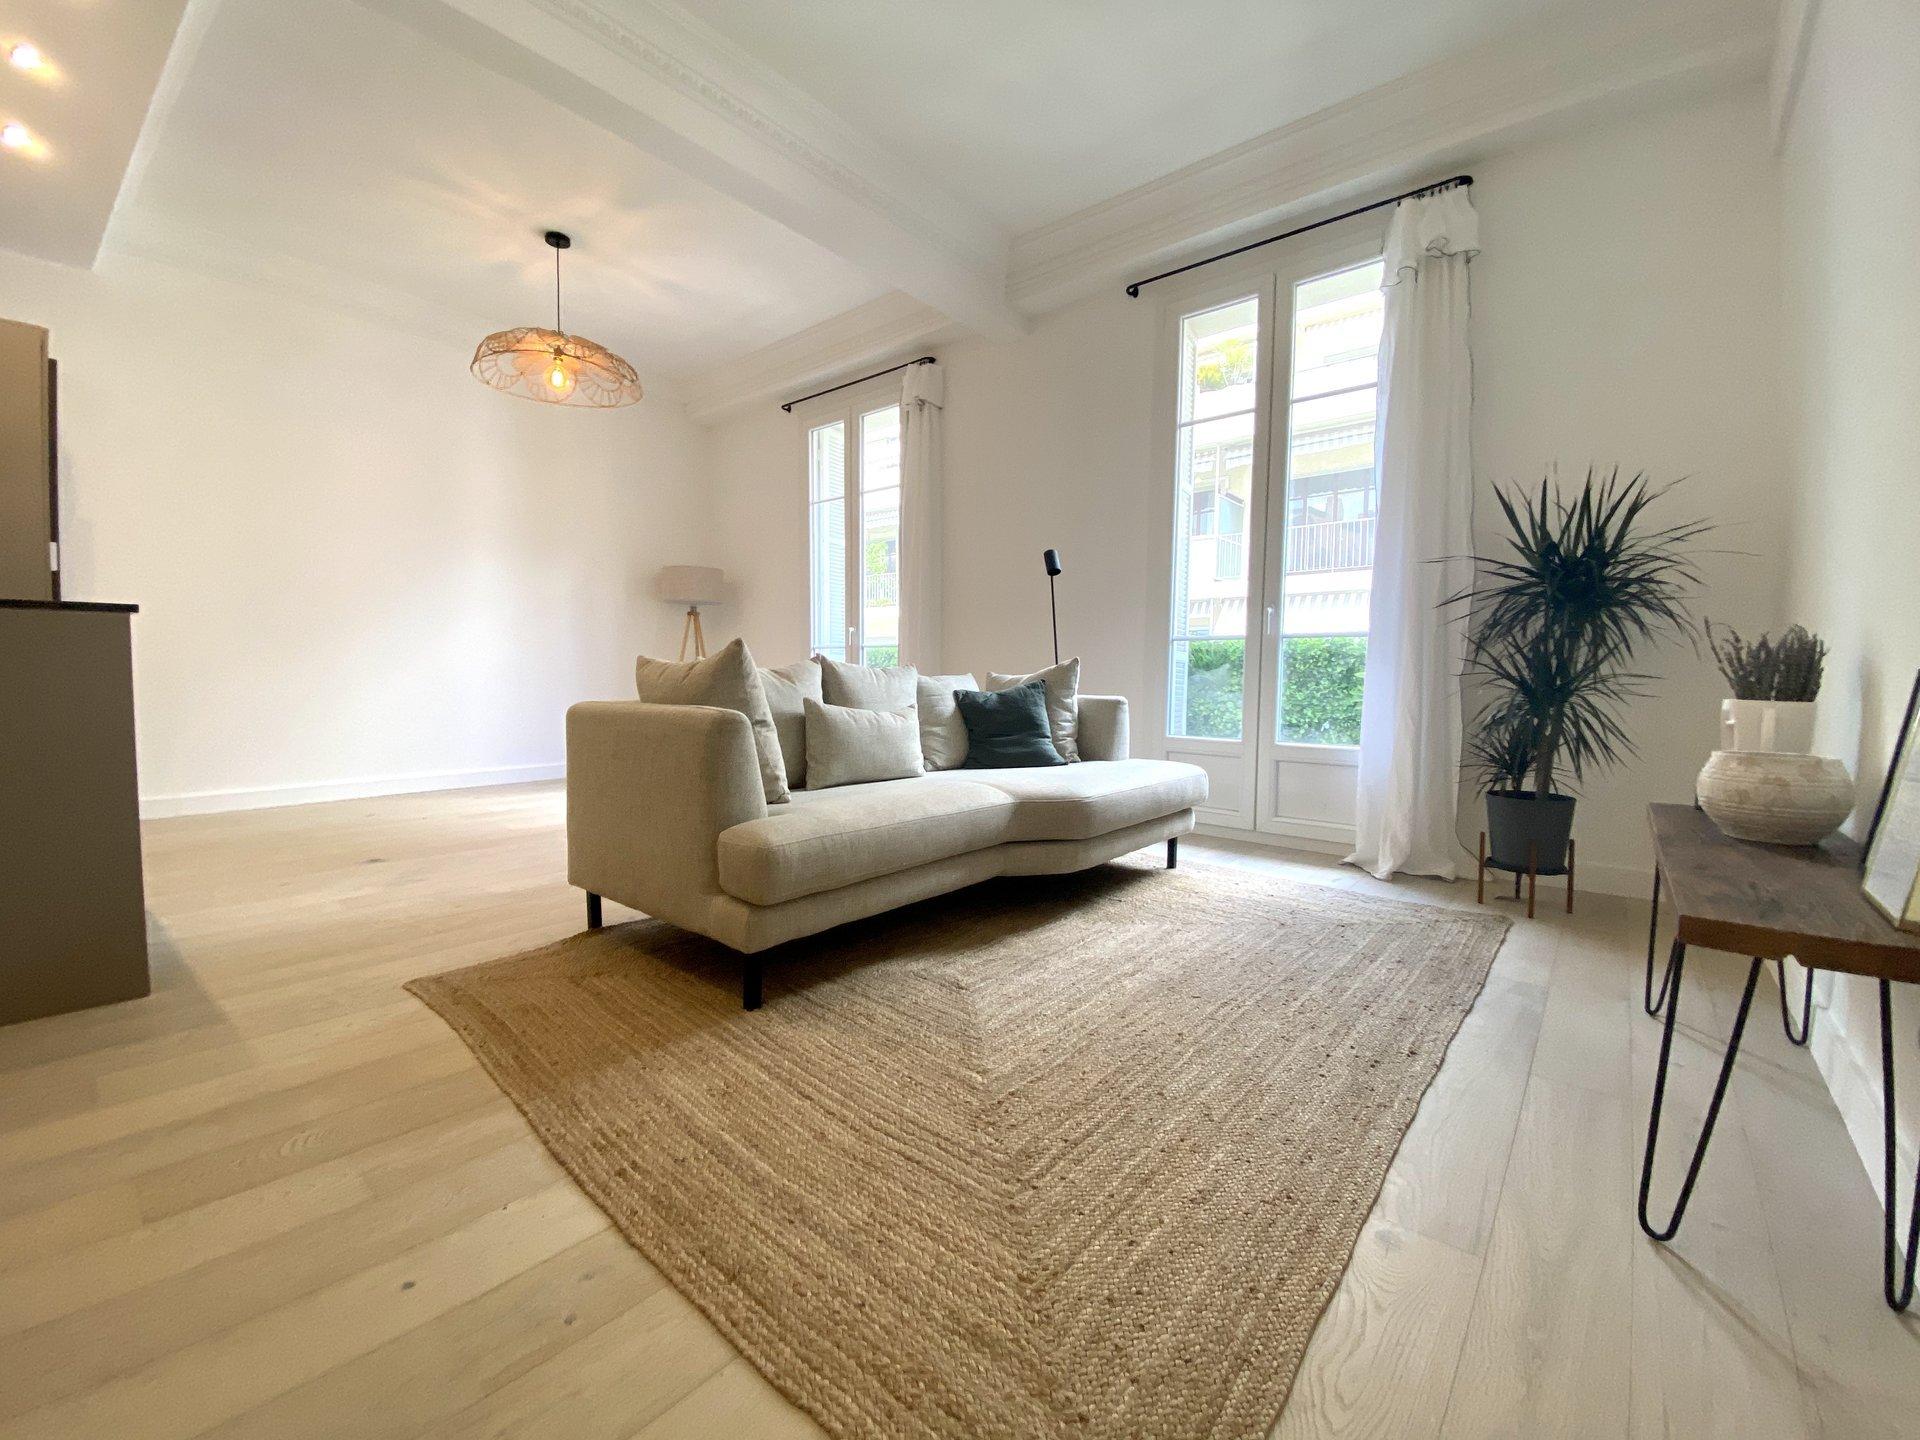 Försäljning Lägenhet - Nice Musiciens